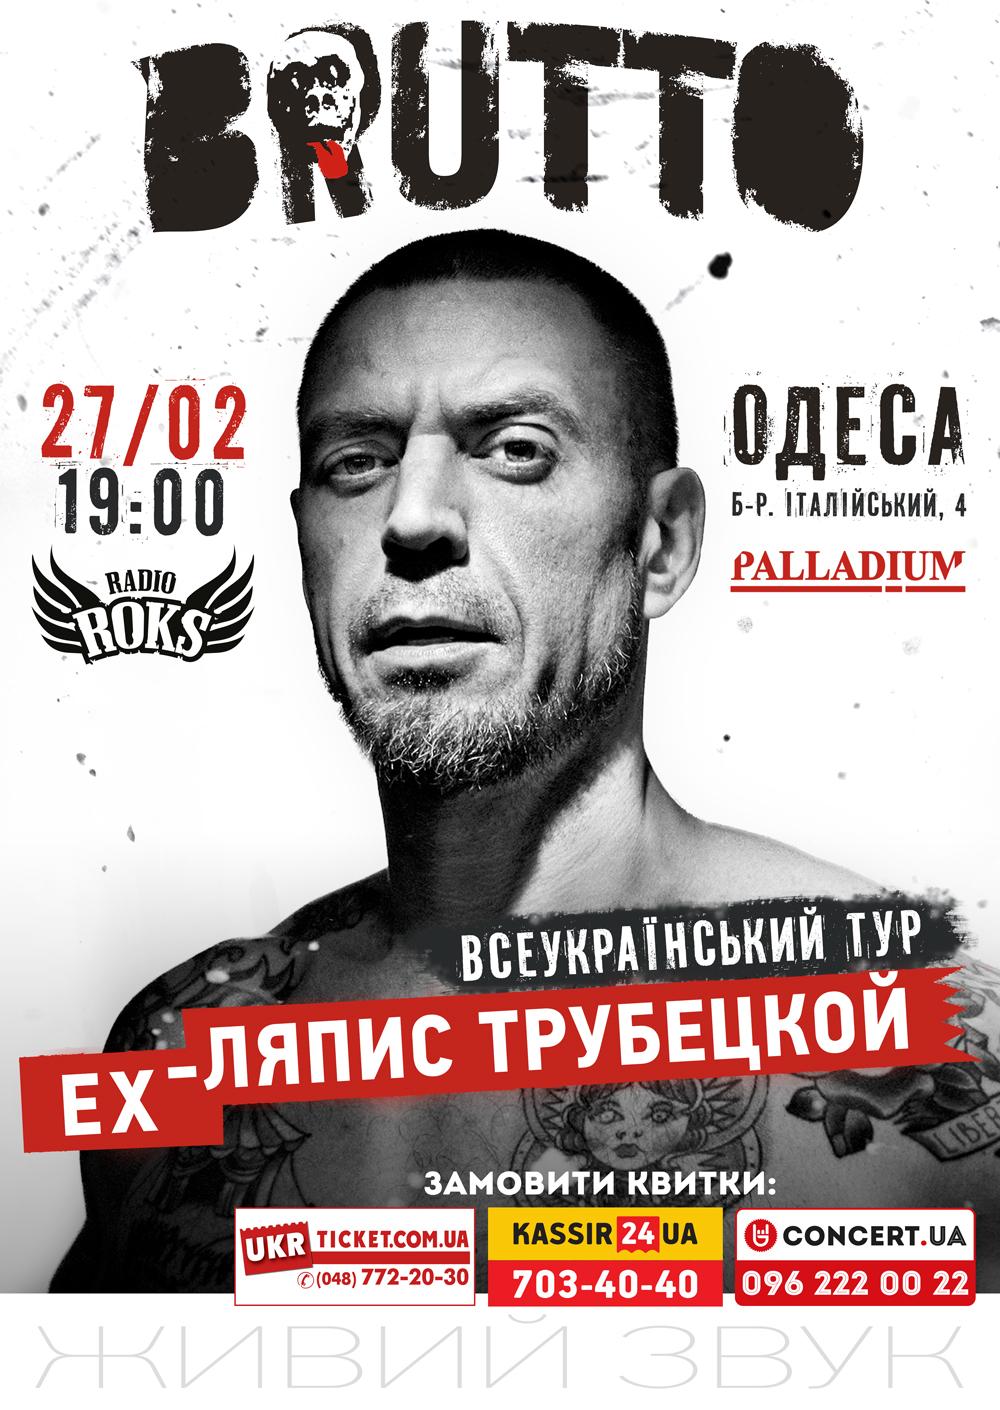 Brutto_Poster_A3_ODESSA